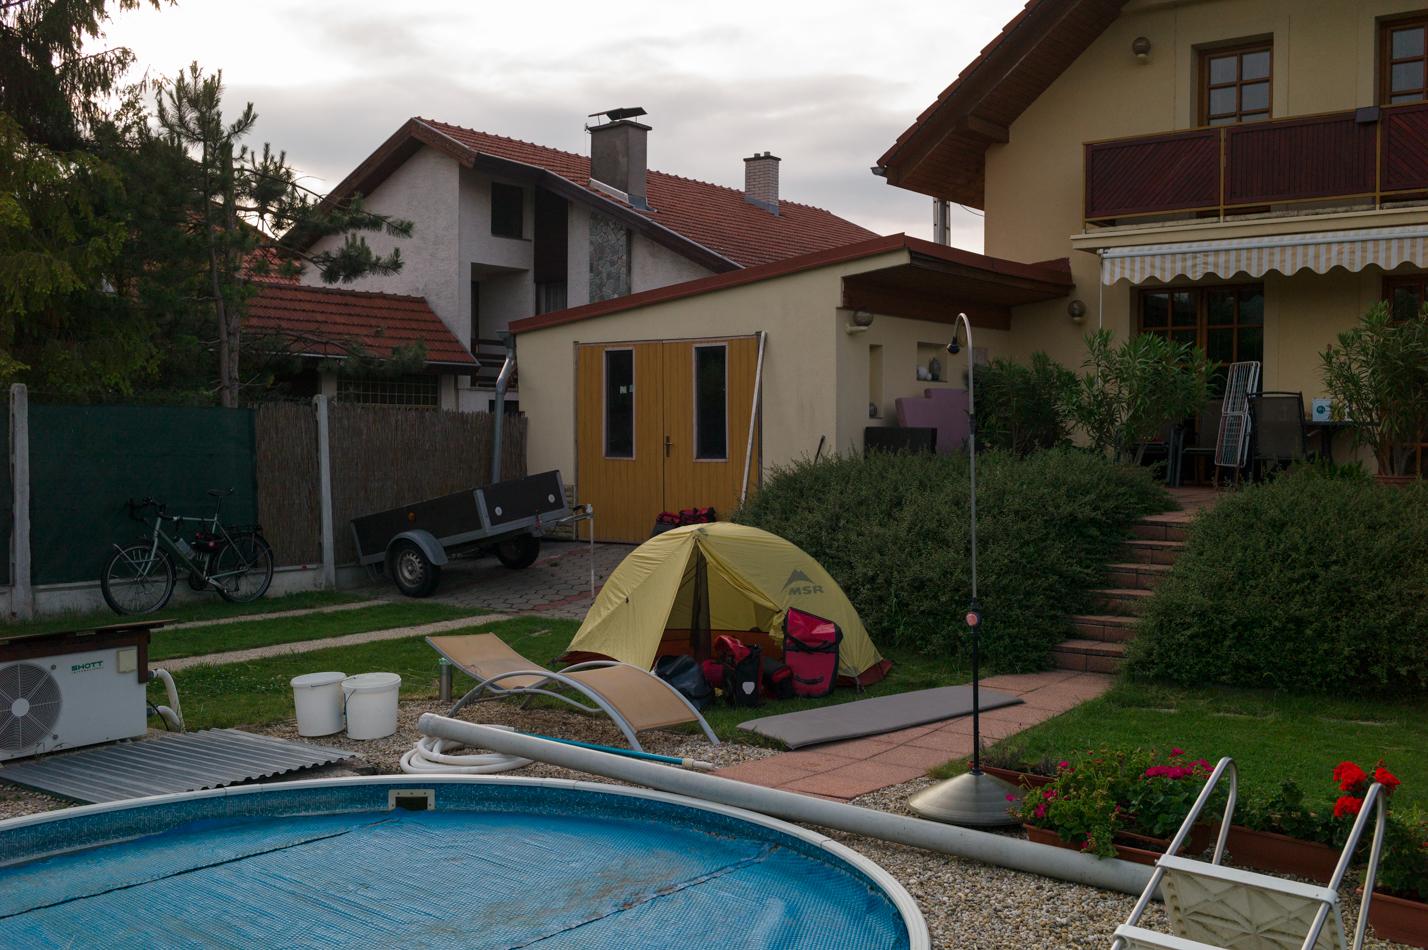 Pavol's garden in Cachtice, June 12